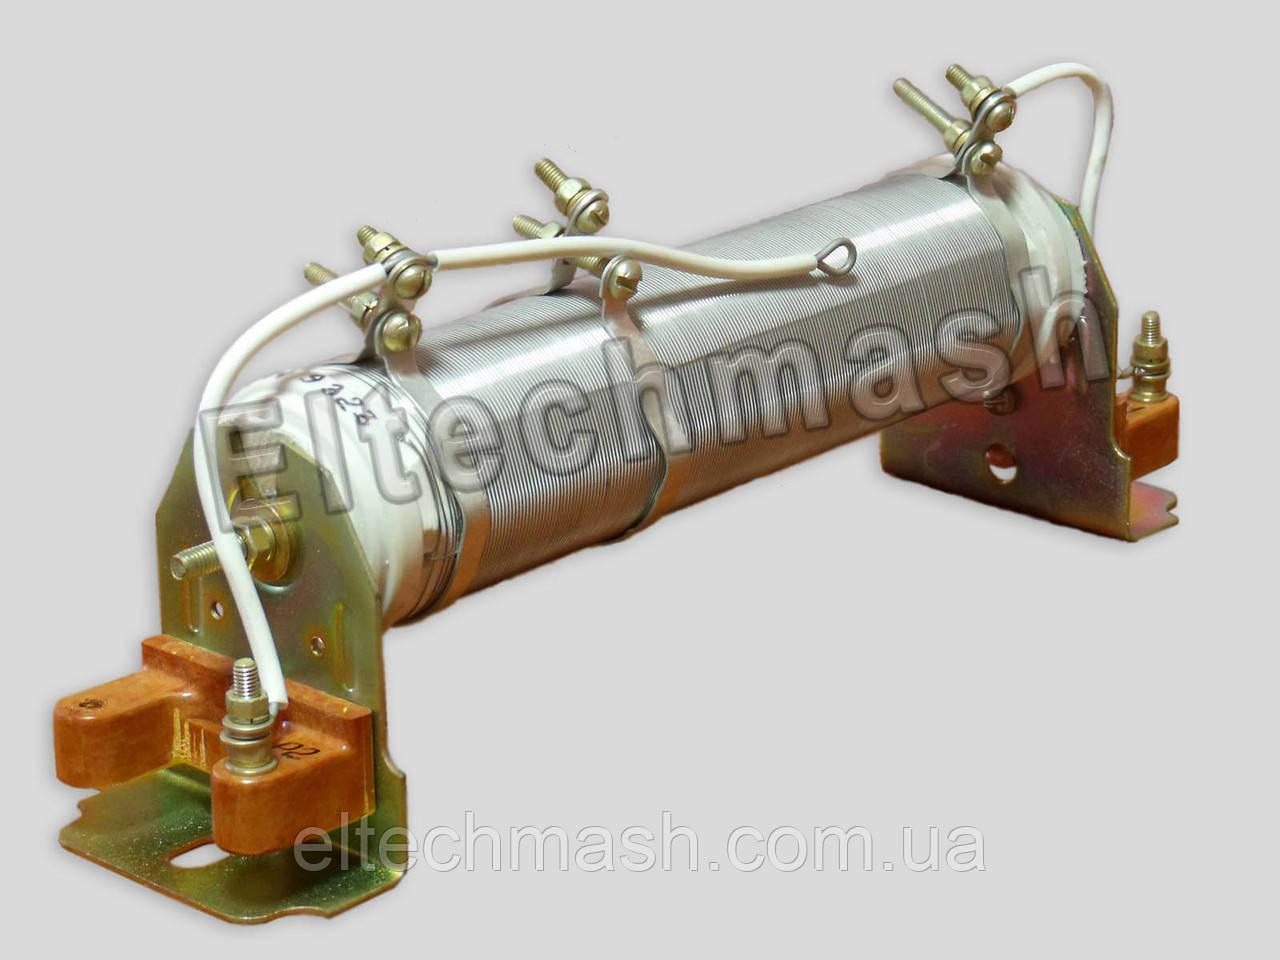 Резистор ПС-50121 УХЛ2, ИАКВ.434173.003-09